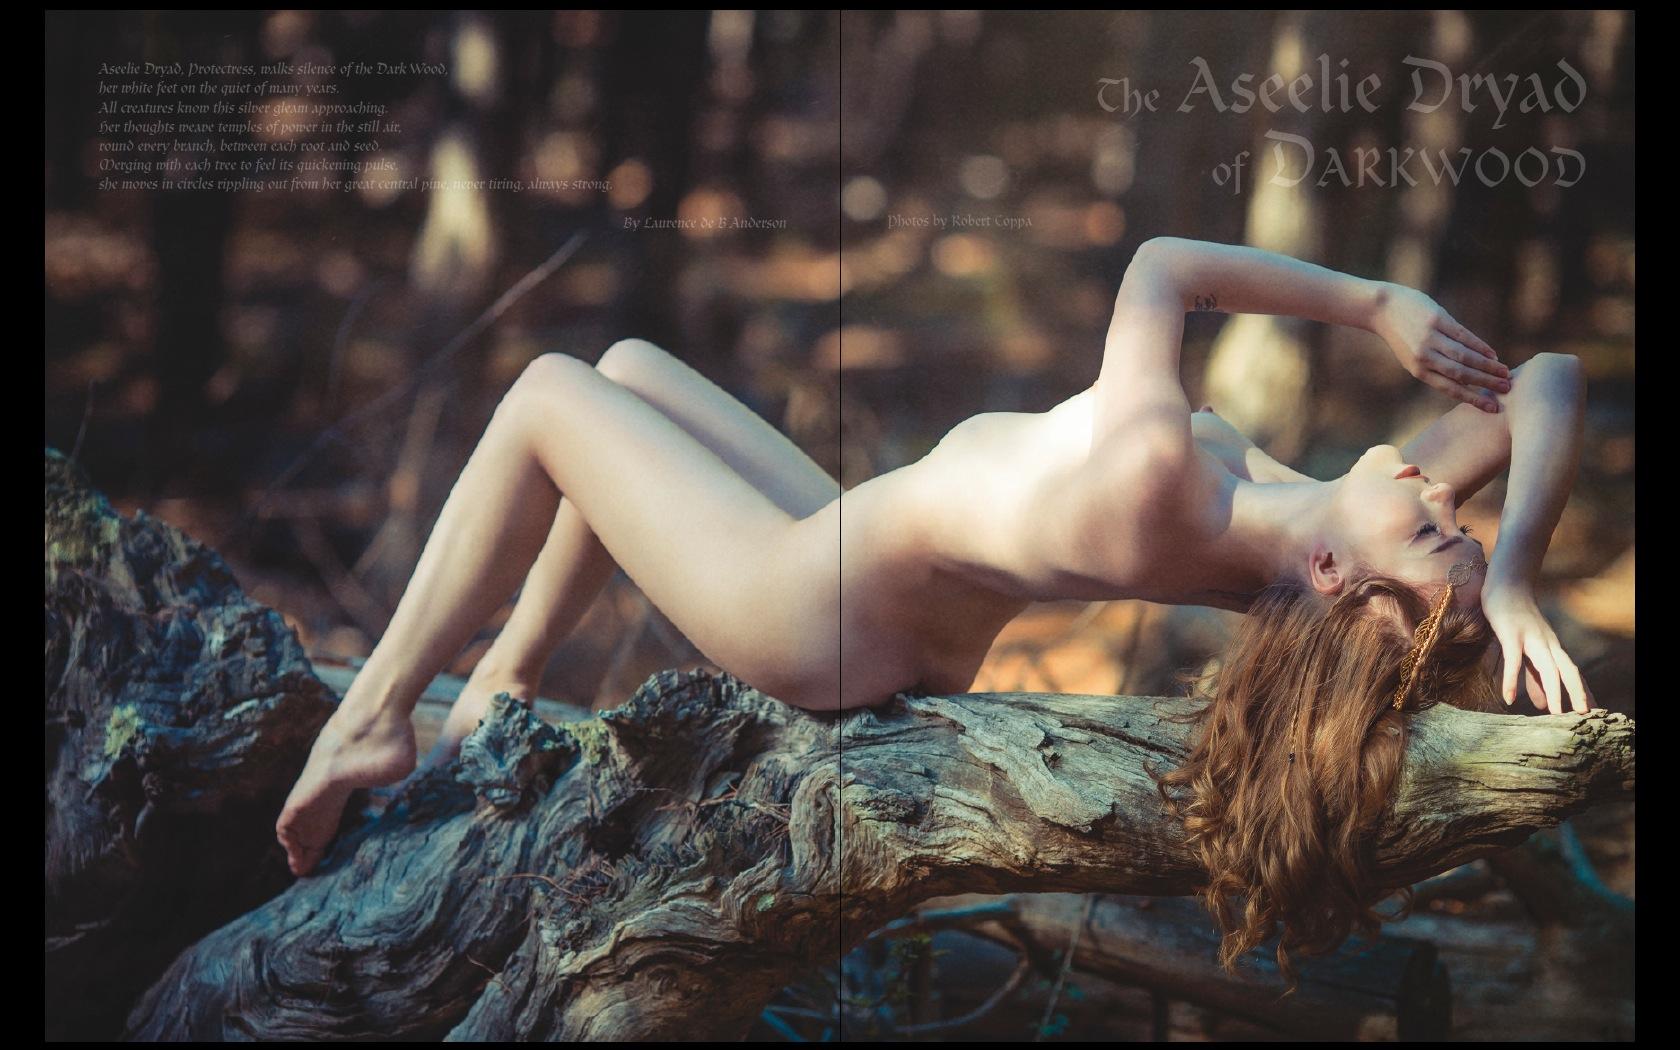 The Aseelie Dryad of Darkwood